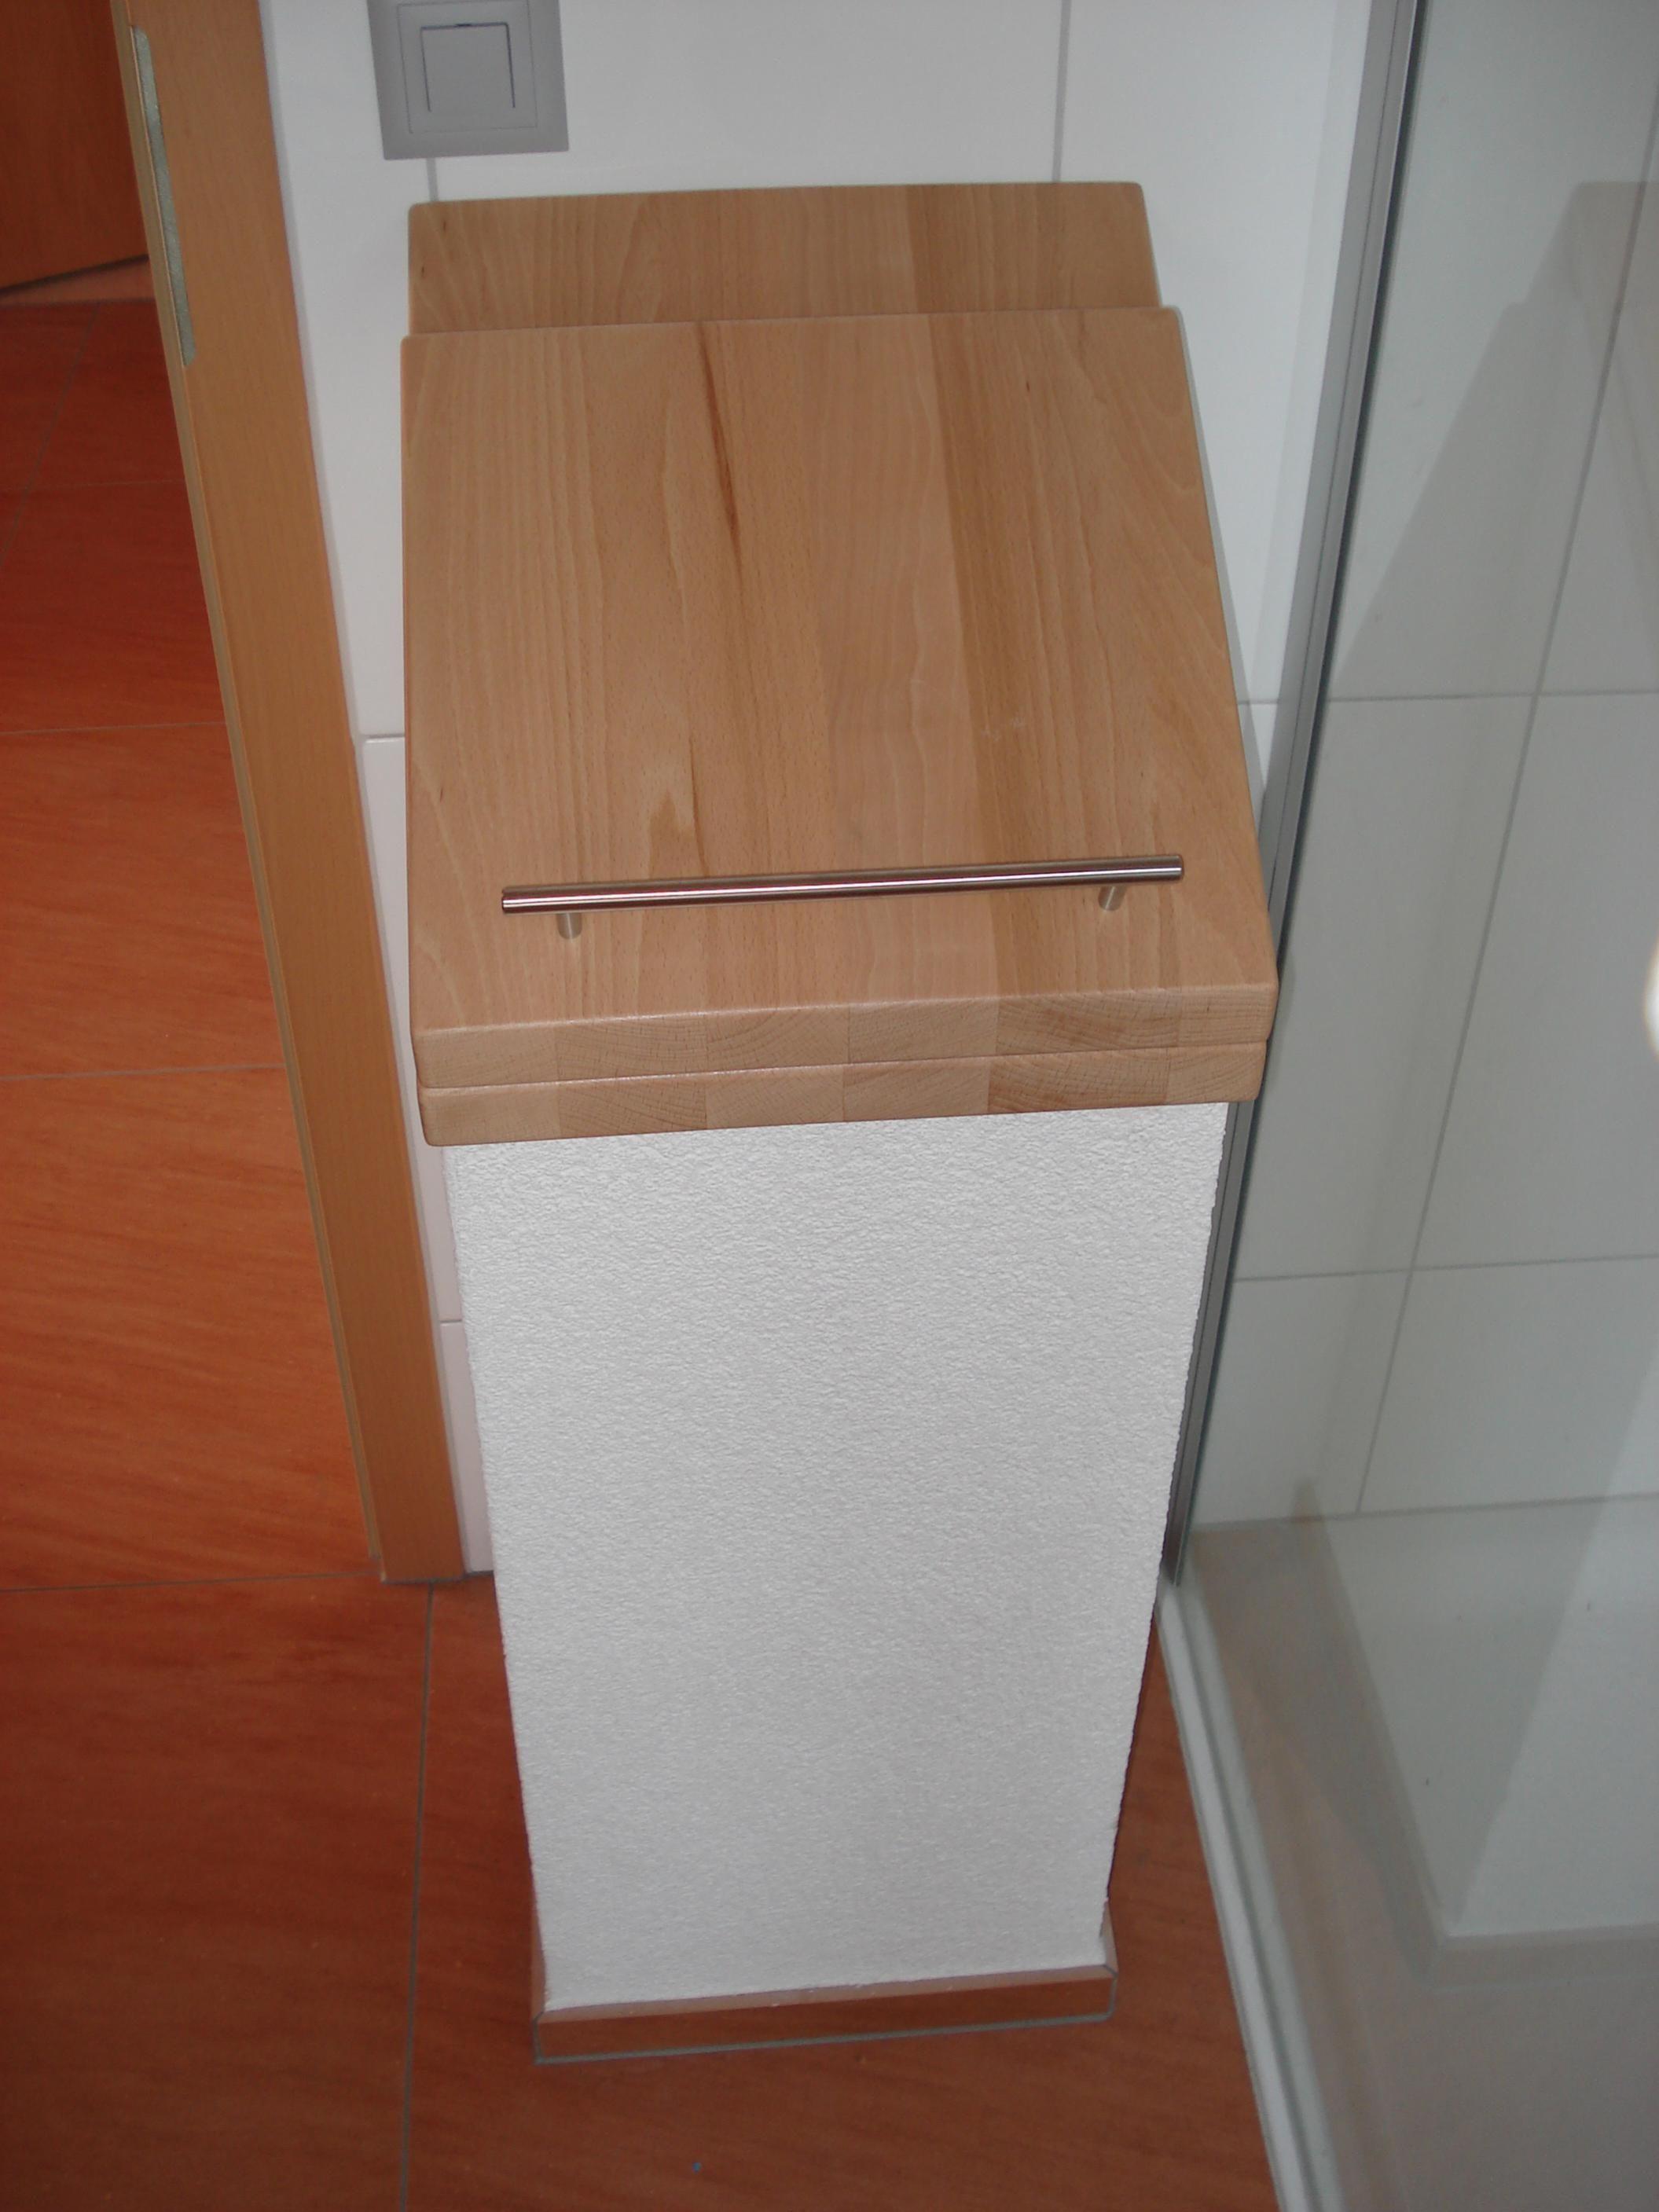 Favorit Pin von Hordur Sveinsson auf þvottaherbergi in 2019 IA58